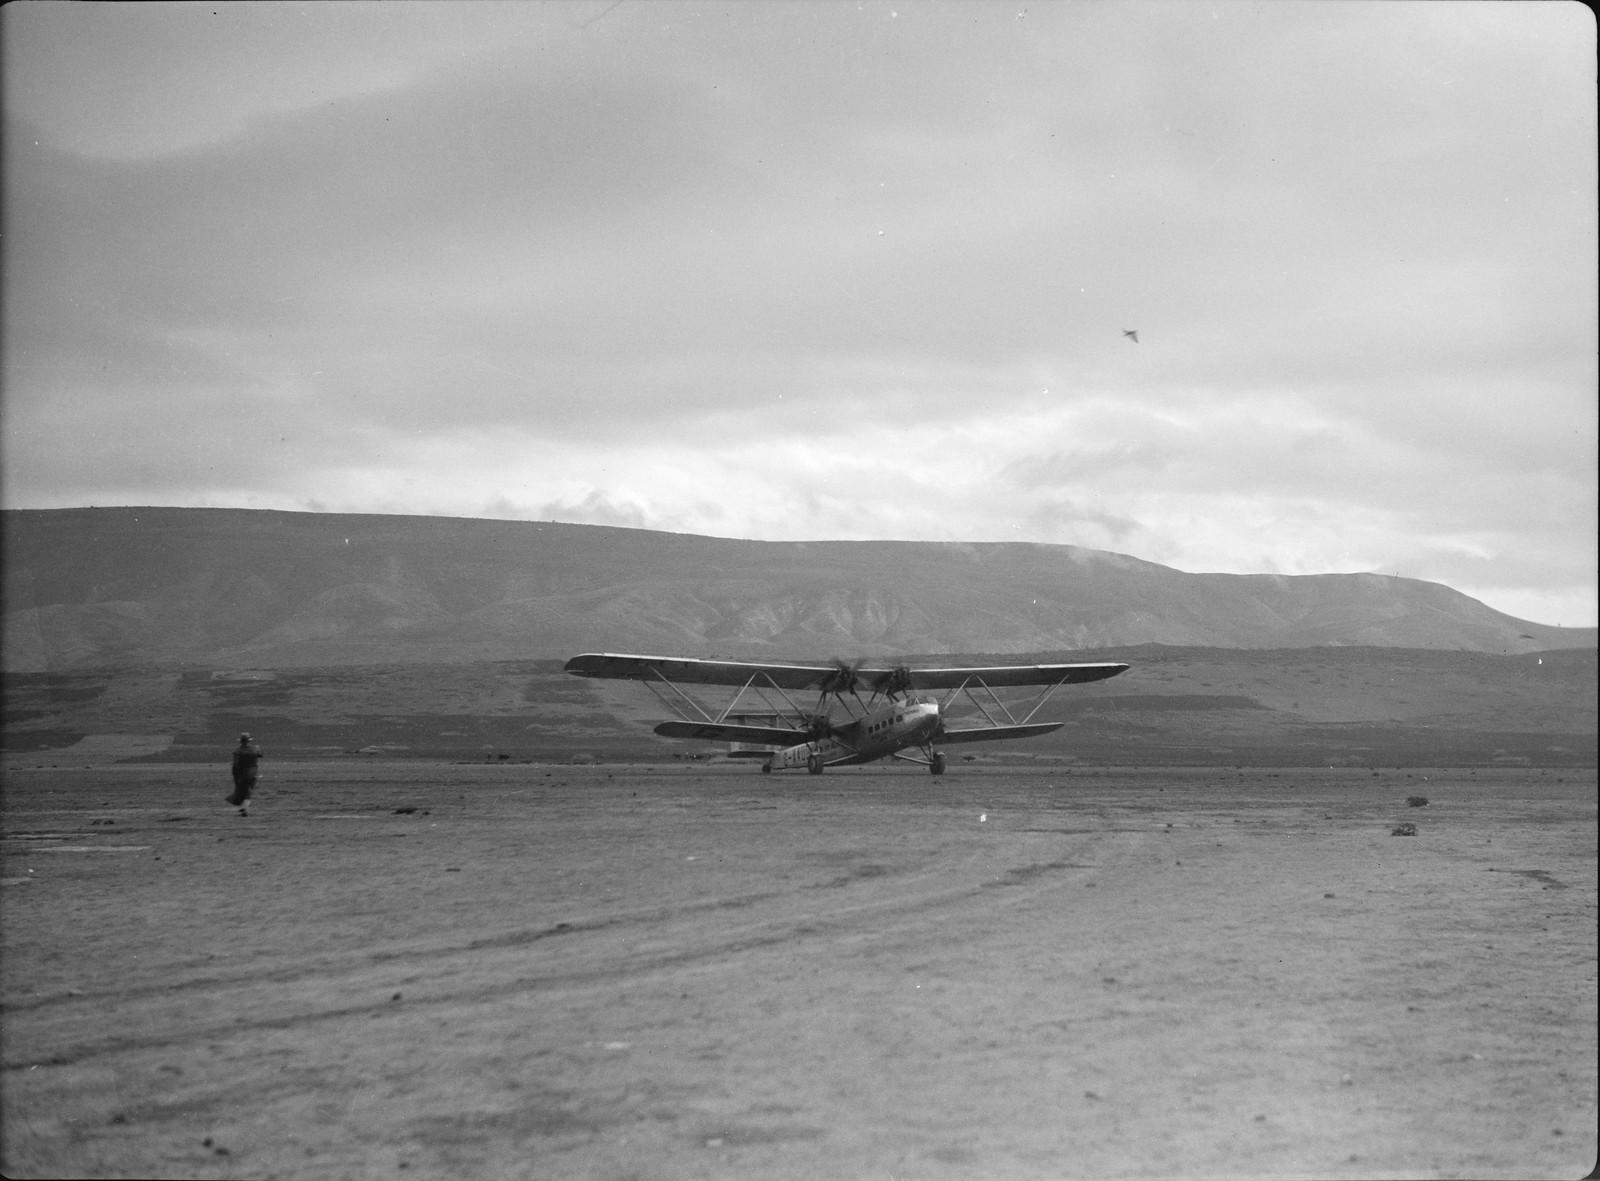 16. Первый полет самолета G-AAUD Hanno. Взлет. Полет в Индию через Багдад